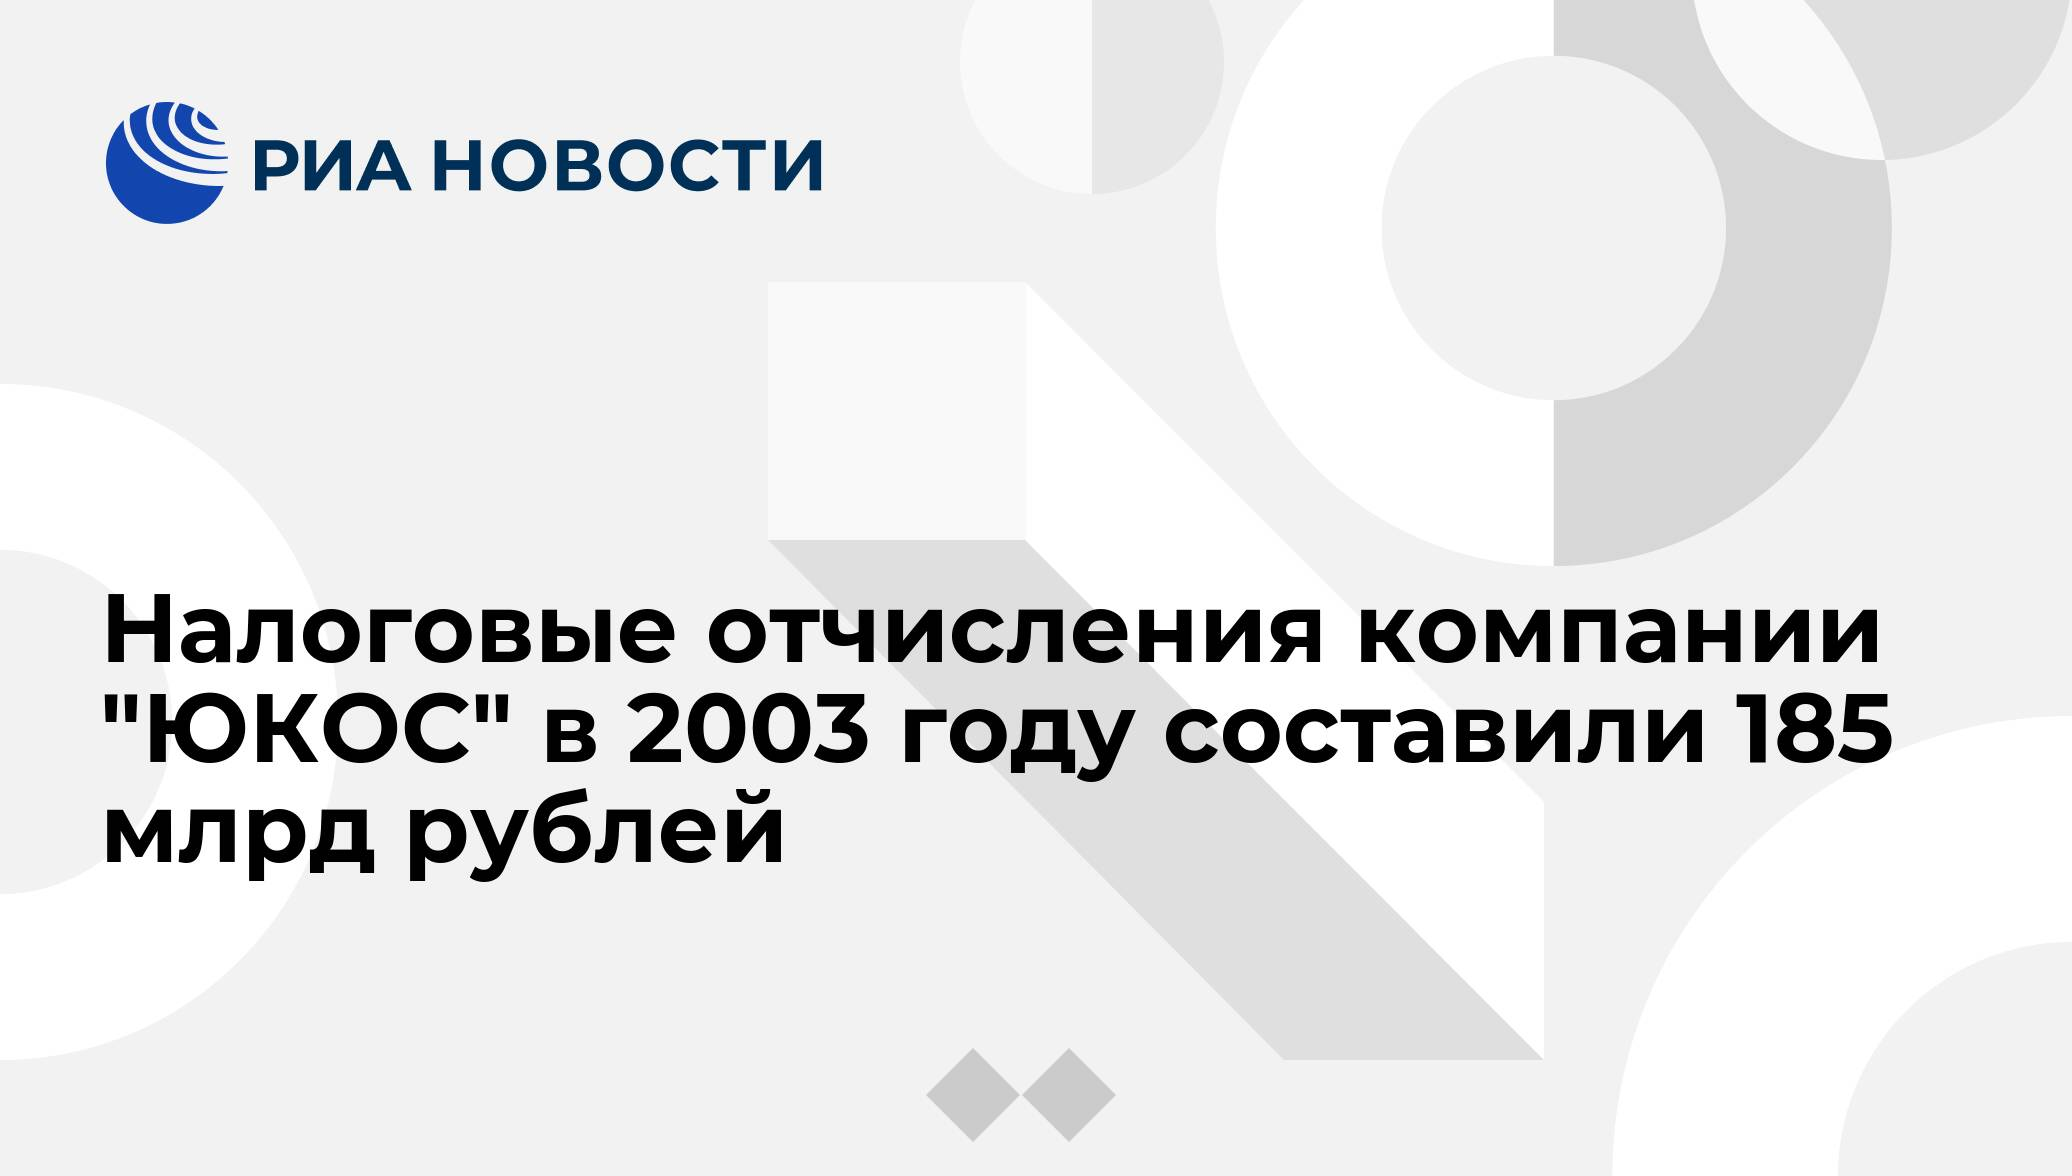 """Налоговые отчисления компании """"ЮКОС"""" в 2003 году составили 185 млрд рублей - РИА Новости, 05.06.2008"""